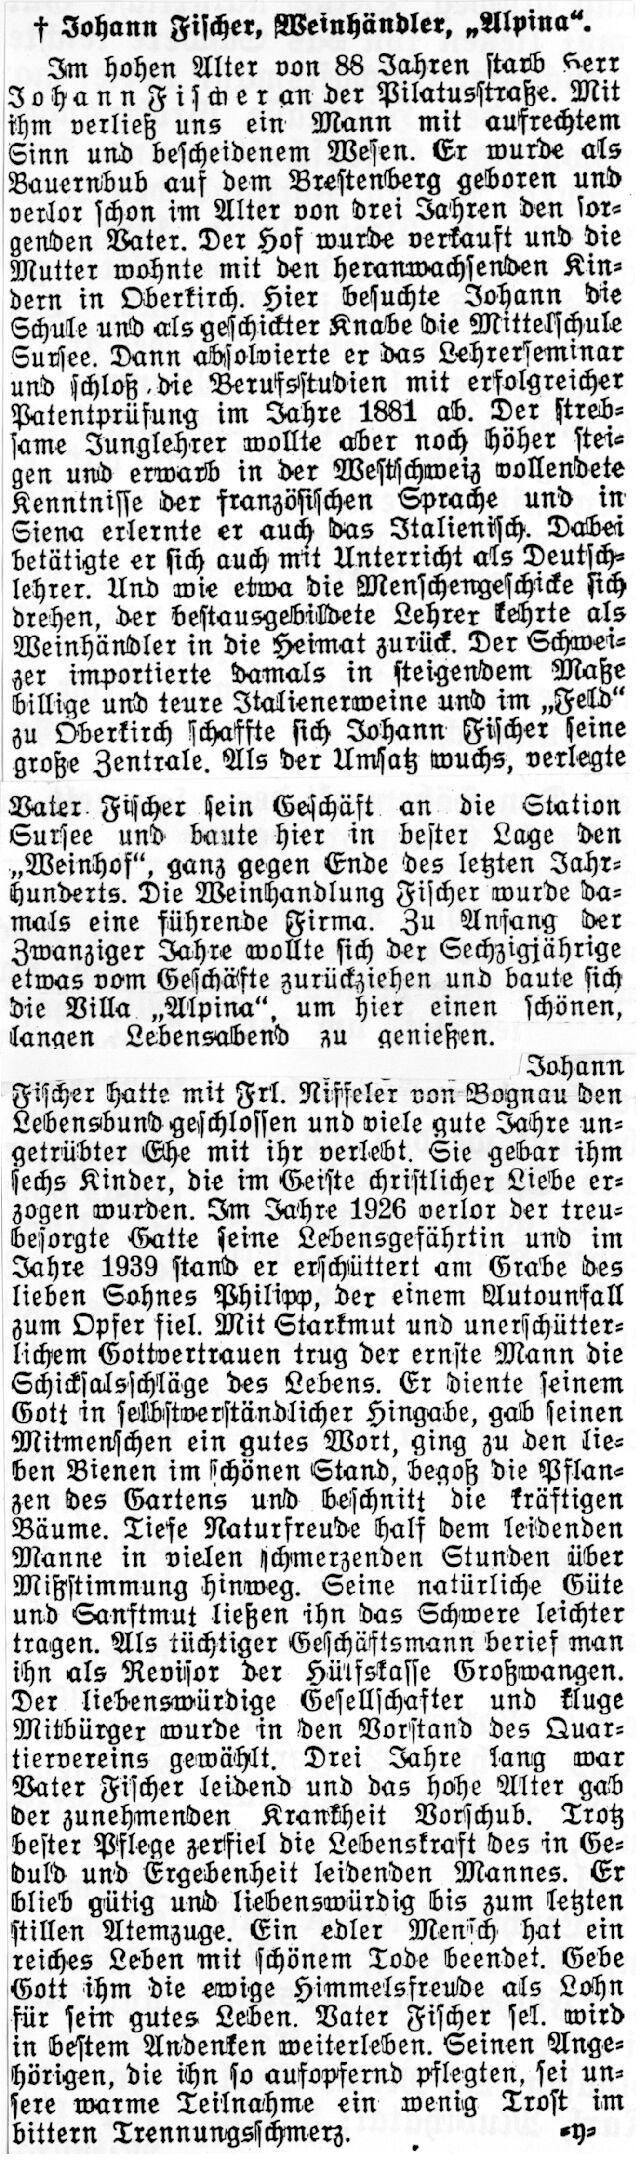 Johann Fischer - Nachruf